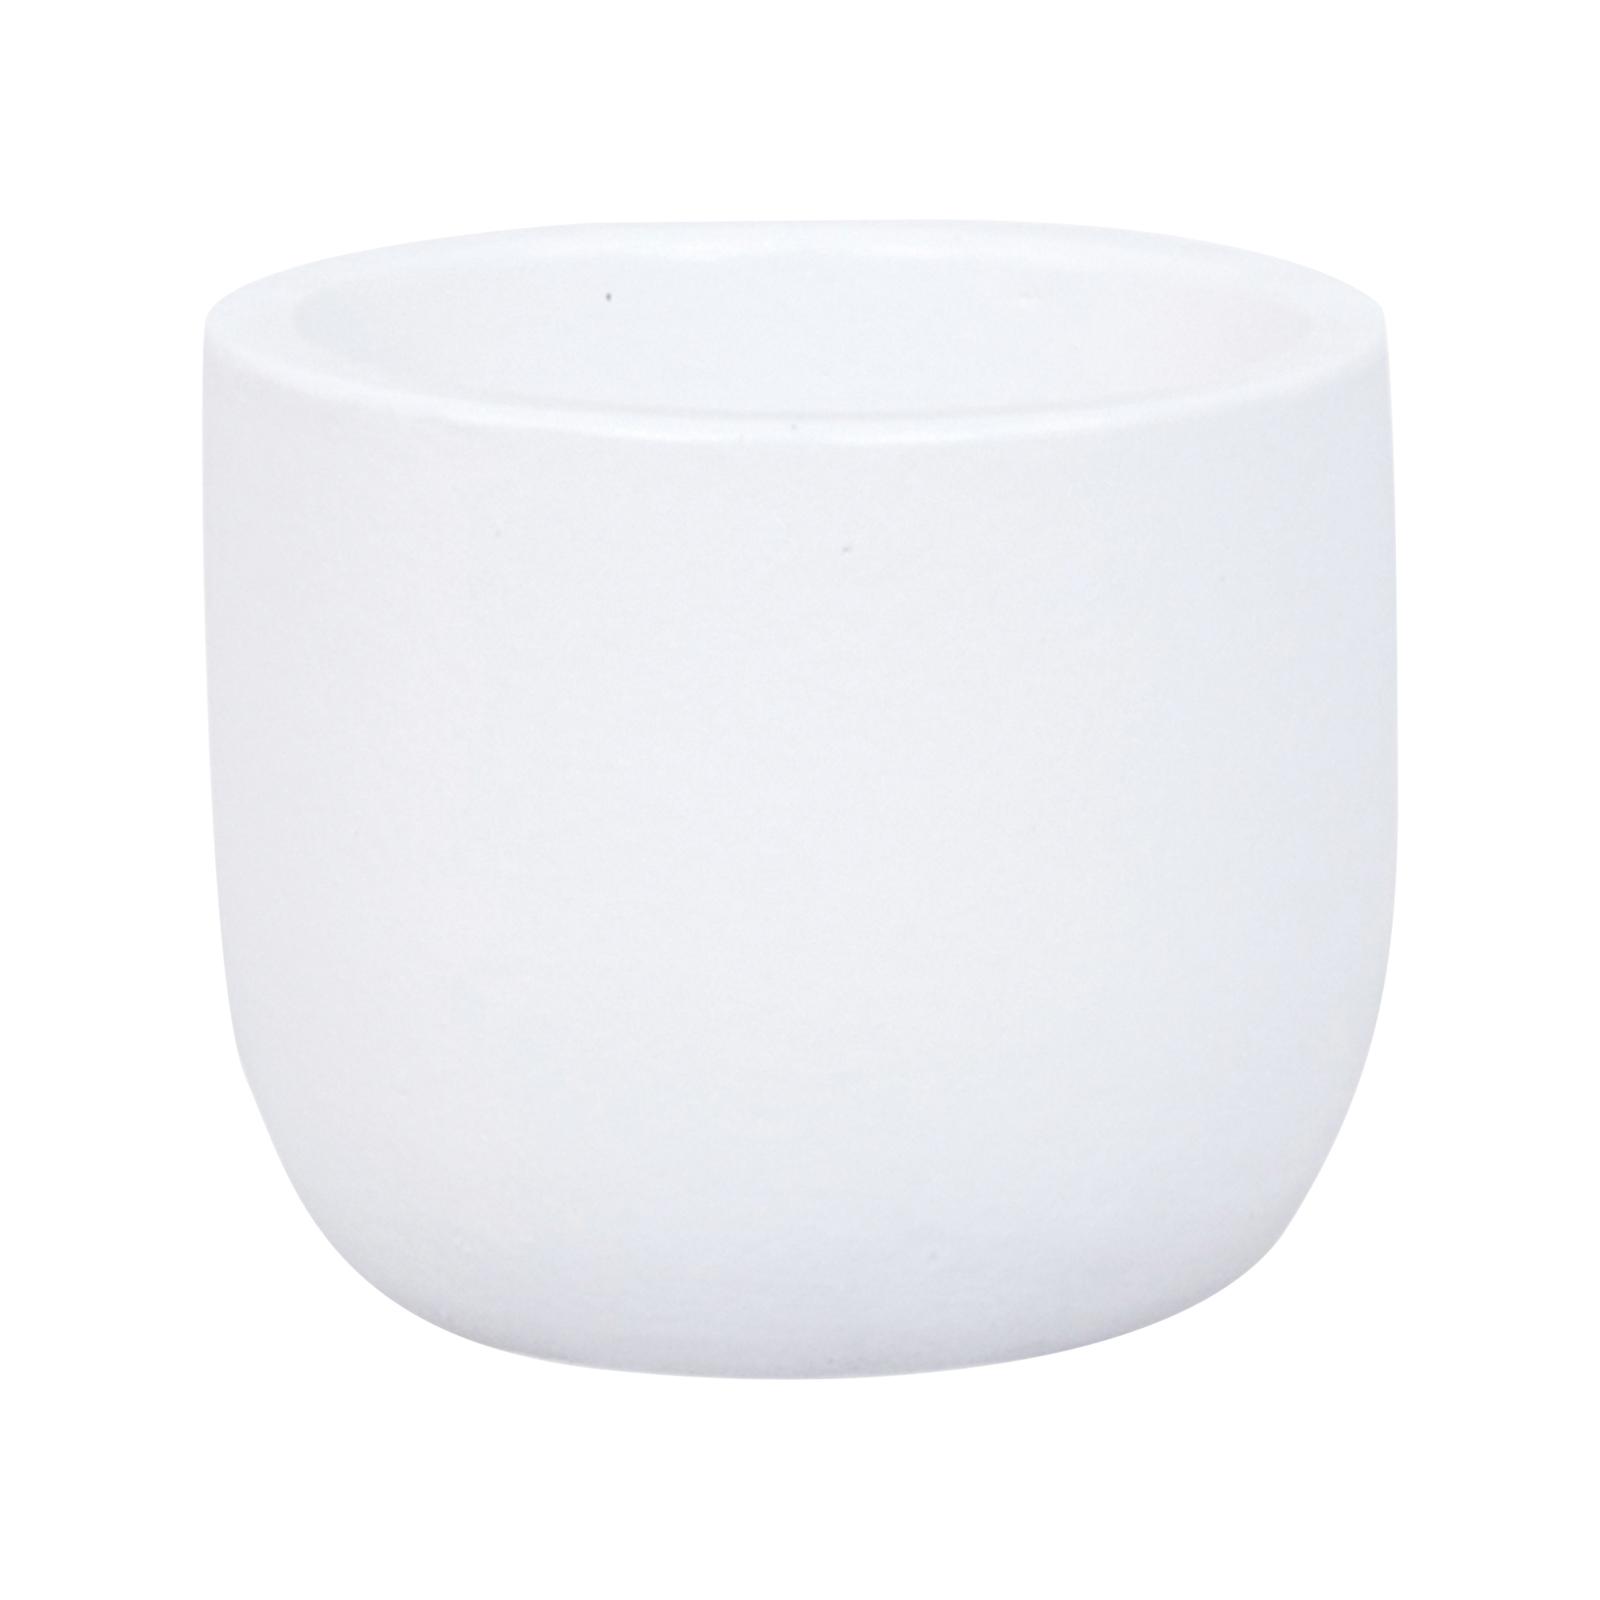 Lotus 11 x 9cm White  X Small Plain Ceramic Egg Pot